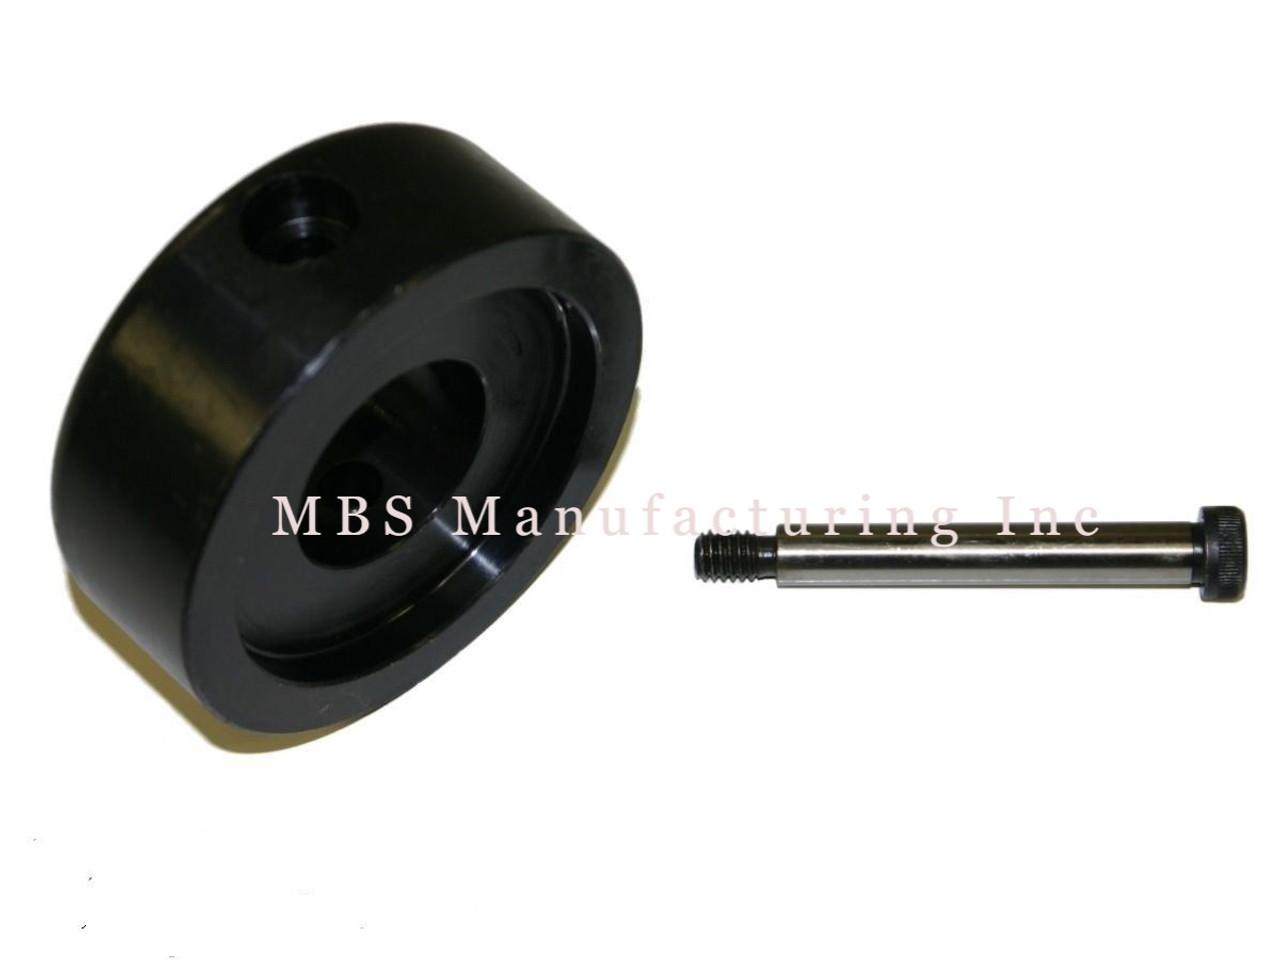 Alignment Bar (no ring) Gimbal Bearing Seal Bellow Tool Set Mercruiser  91-805475A1 OMC (4pc)